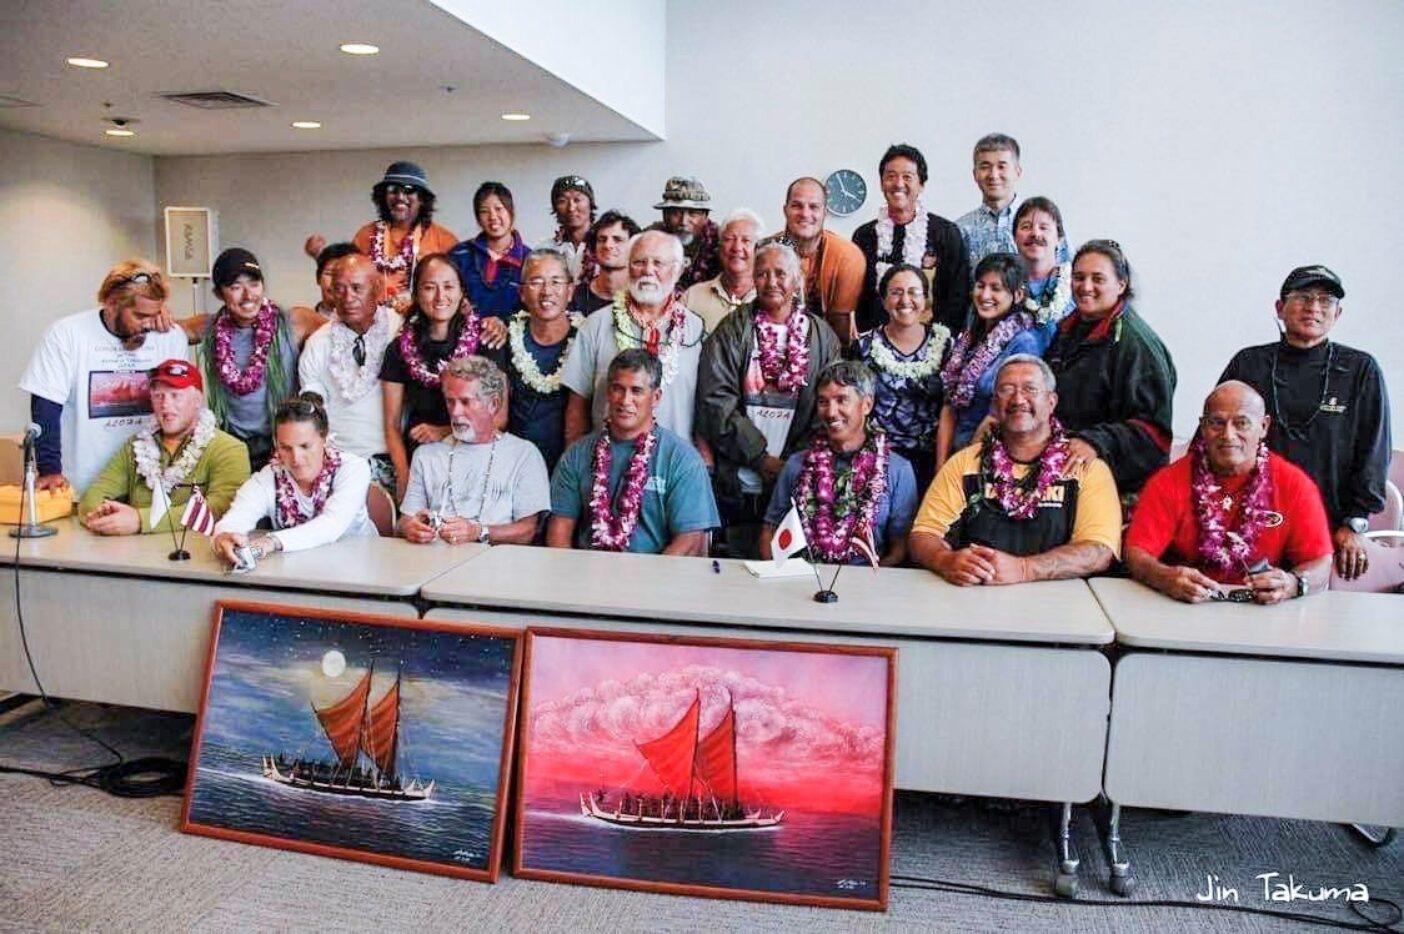 日本で記者会見をするホクレア号のクルー一同。後列左端が正洋さん、右隣が沙希さん。前列右から3人目がナイノア 写真:琢磨 仁